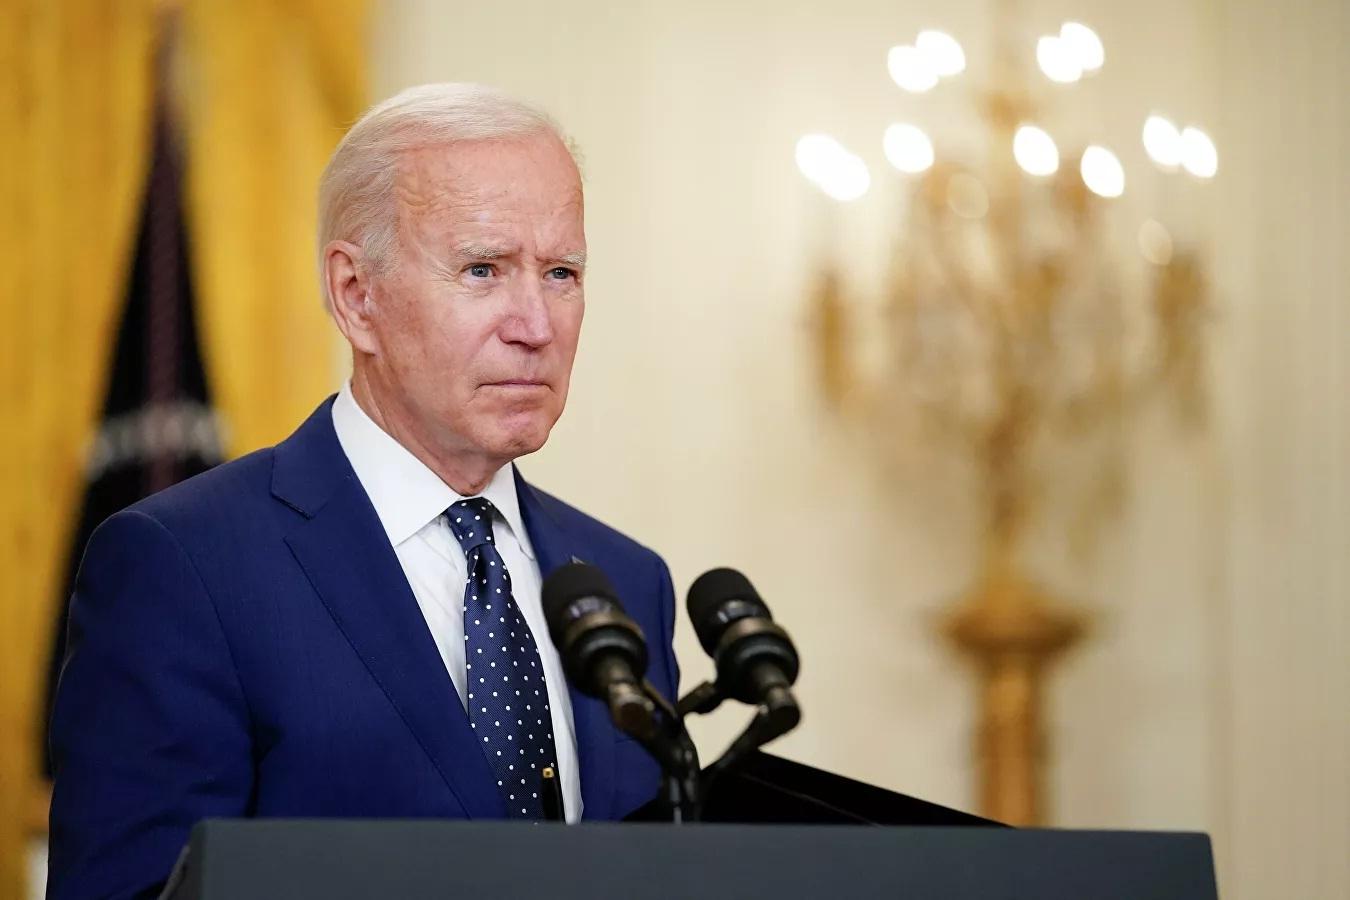 Ông Biden gặp sự cố phát âm sai họ của Tổng thống Putin